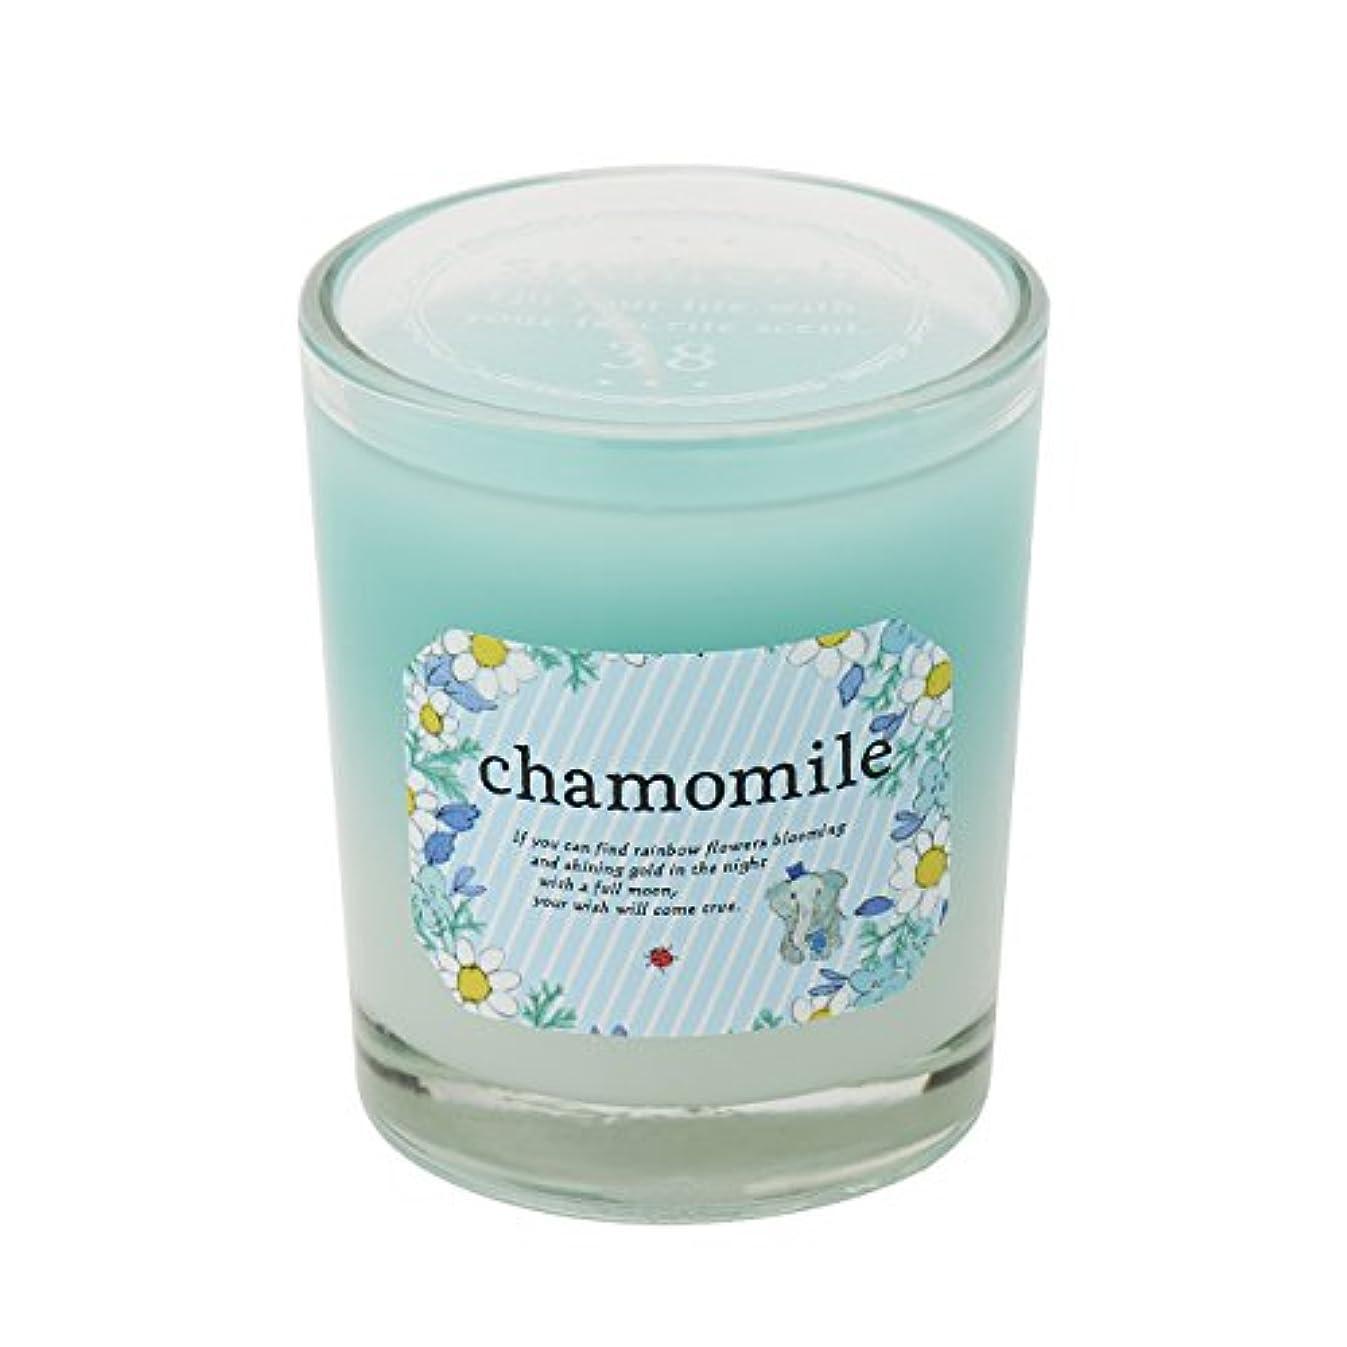 サンハーブ グラスキャンドル カモマイル 35g(グラデーションろうそく 燃焼時間約10時間 やさしく穏やかな甘い香り)